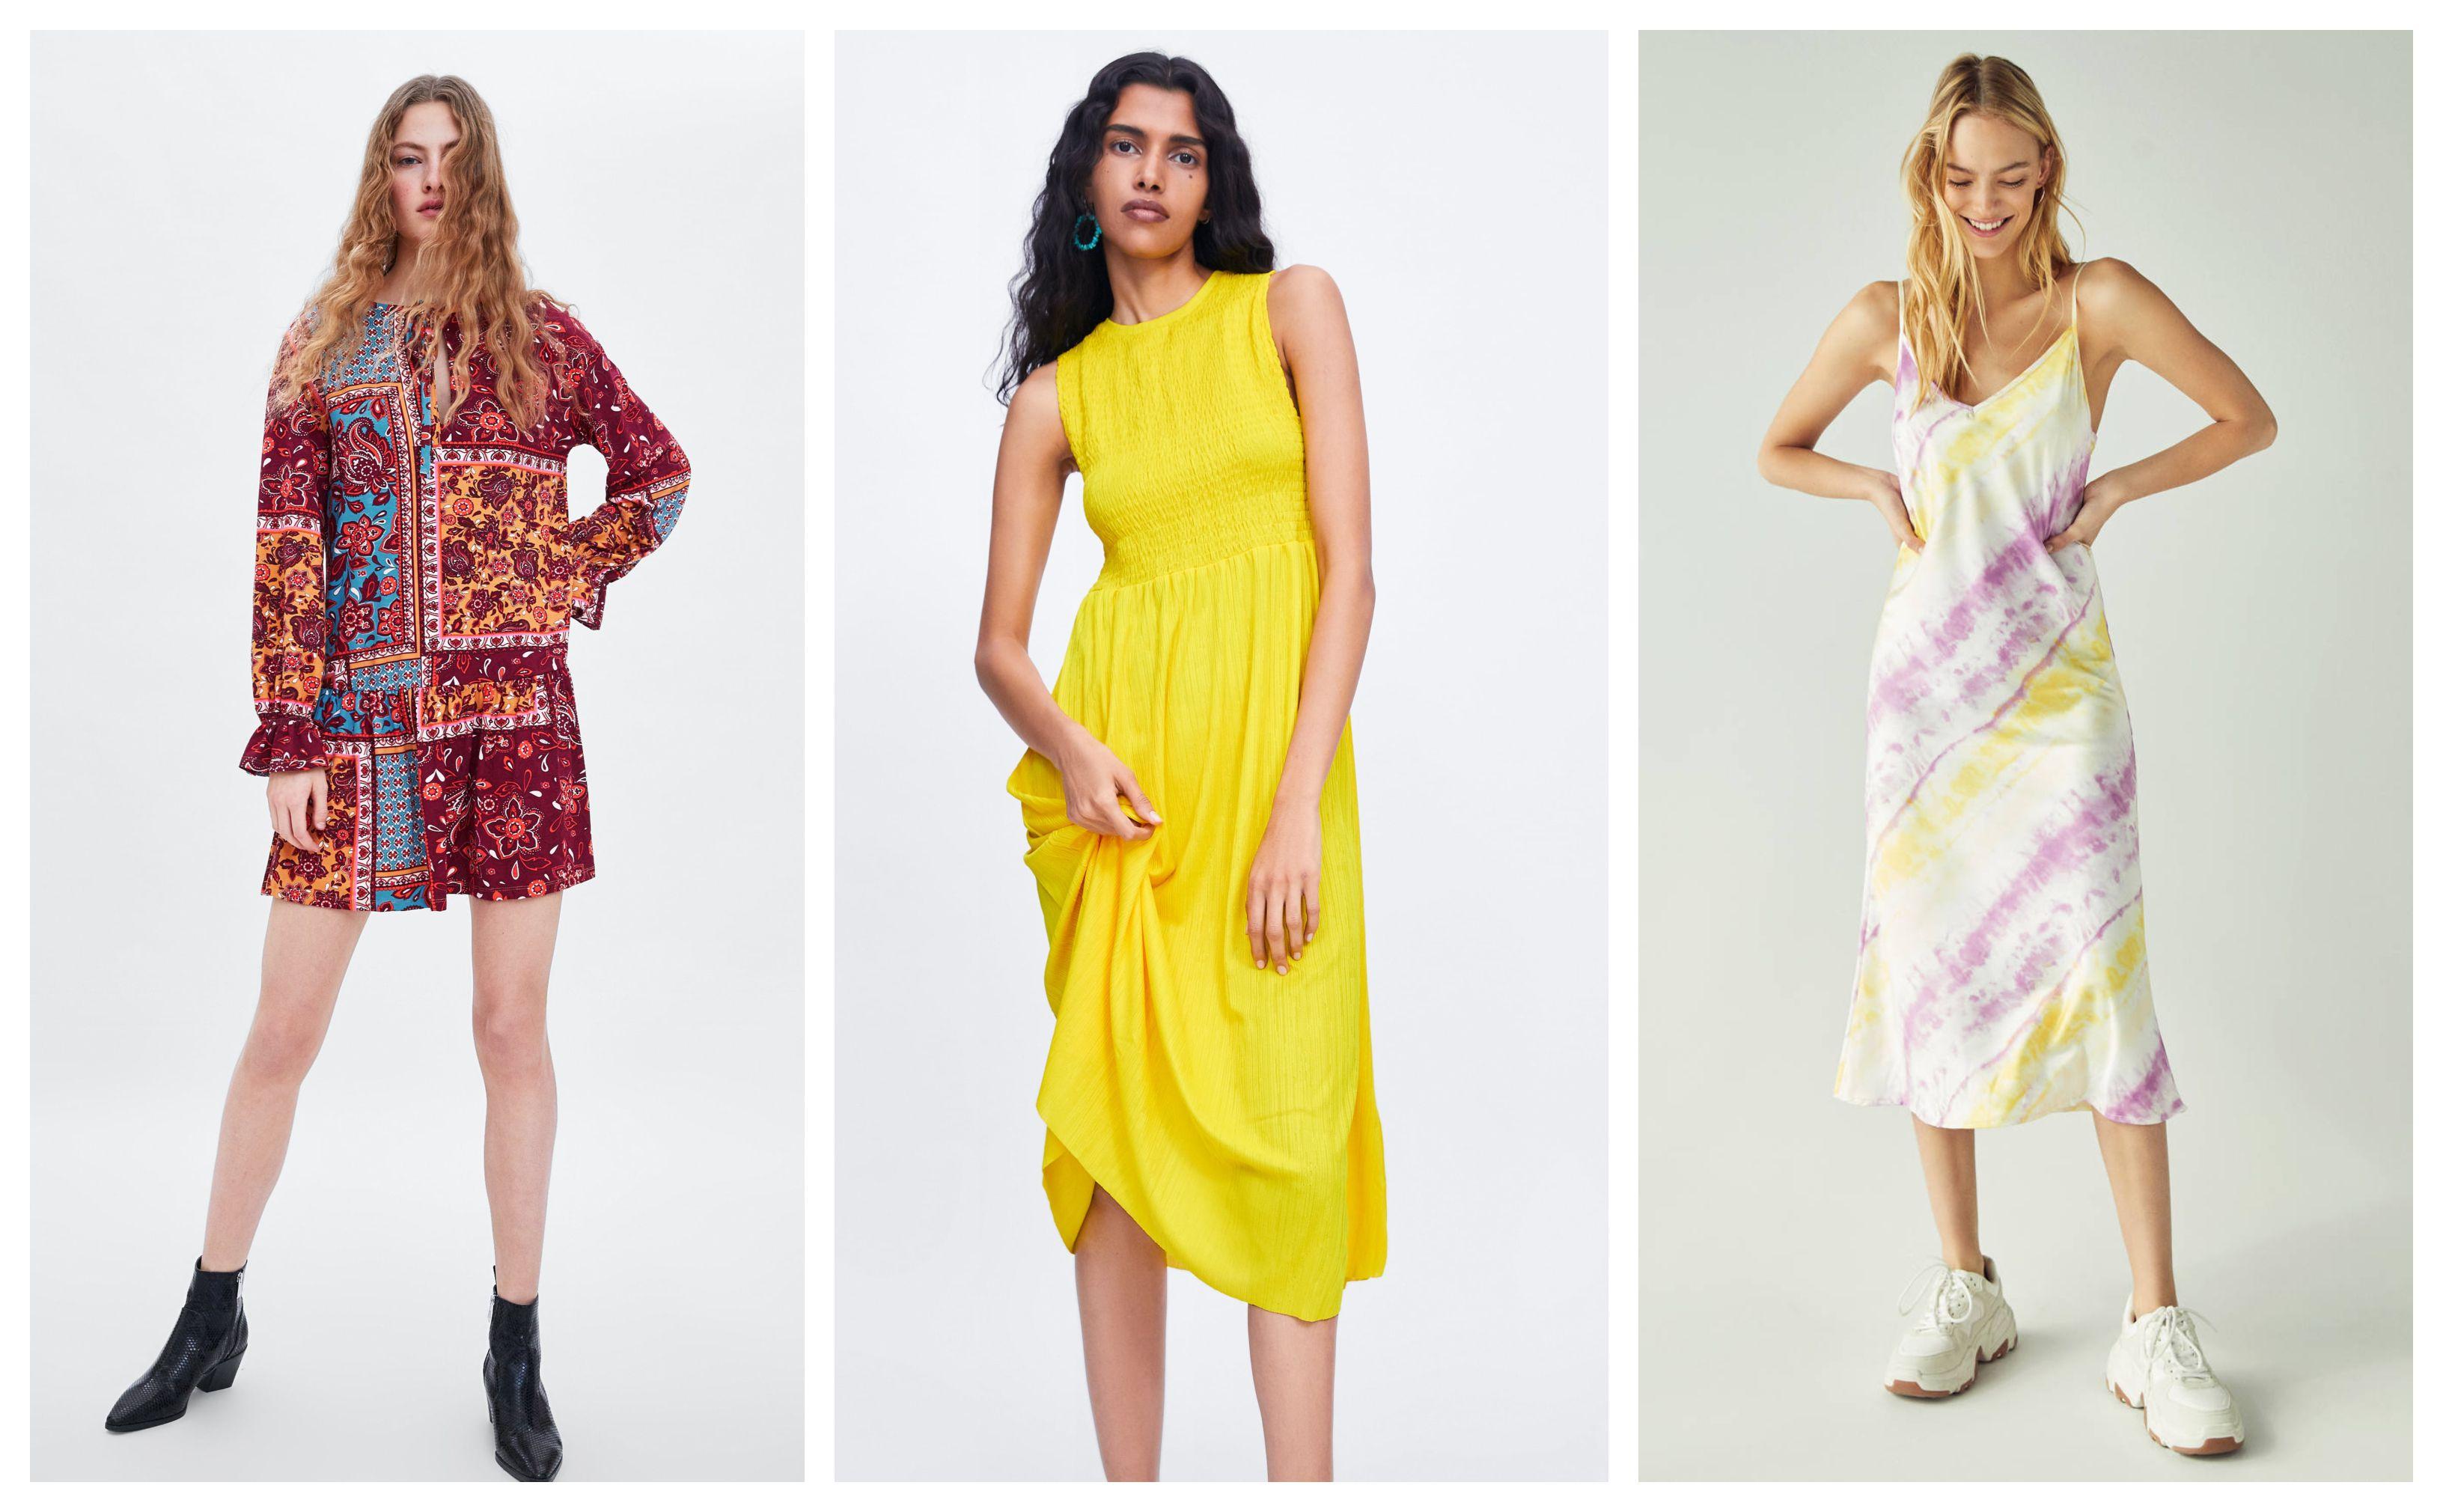 Sve do 100 kuna: Pronašli smo najljepše ljetne haljine sa sniženja